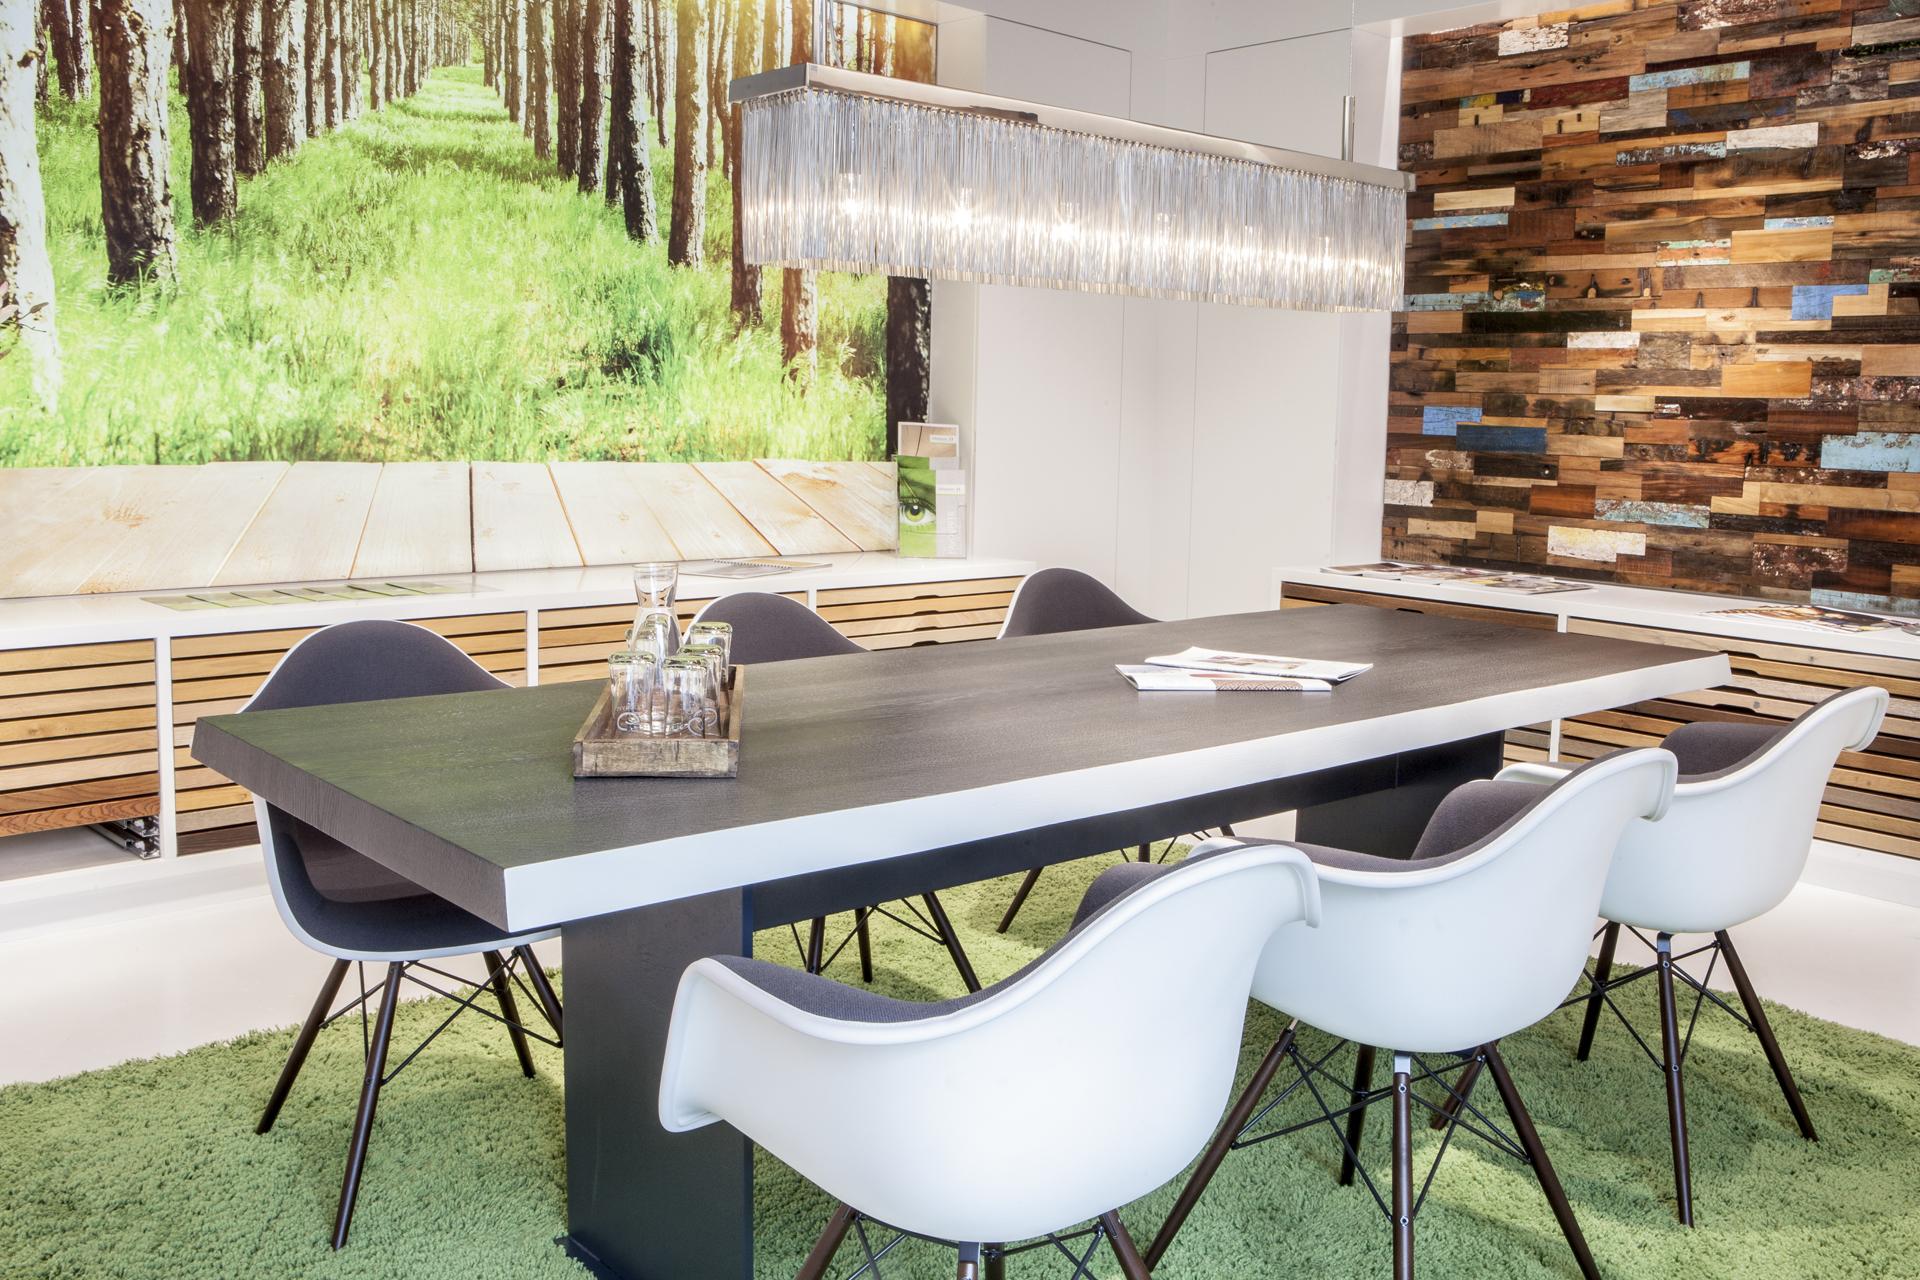 industrielle fertigung und auslieferung verarbeitende industrie gro handel in unterhaching. Black Bedroom Furniture Sets. Home Design Ideas